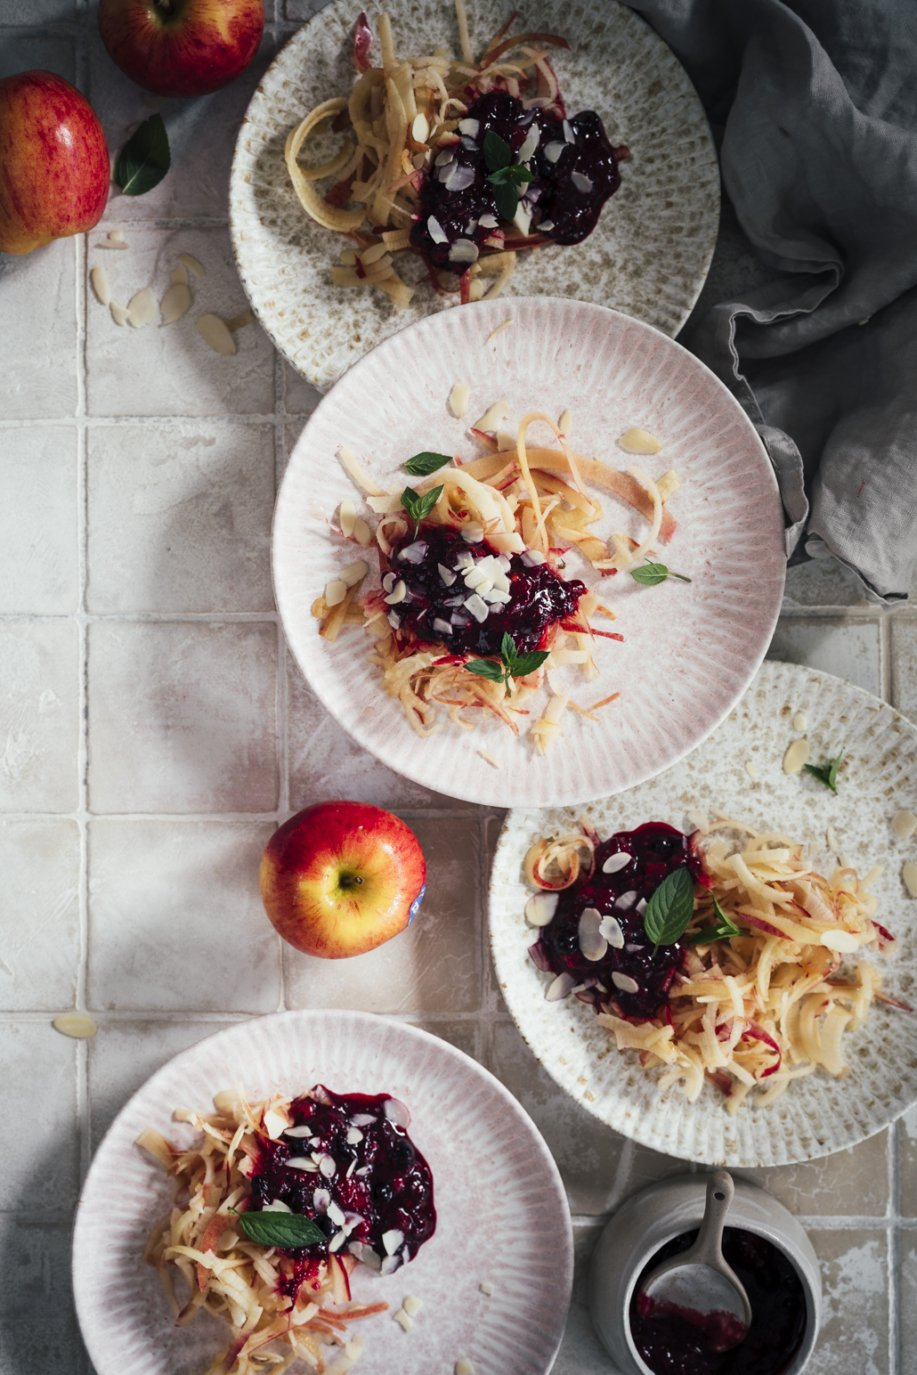 Gesunder Snack Apfel Spaghetti mit Beeren